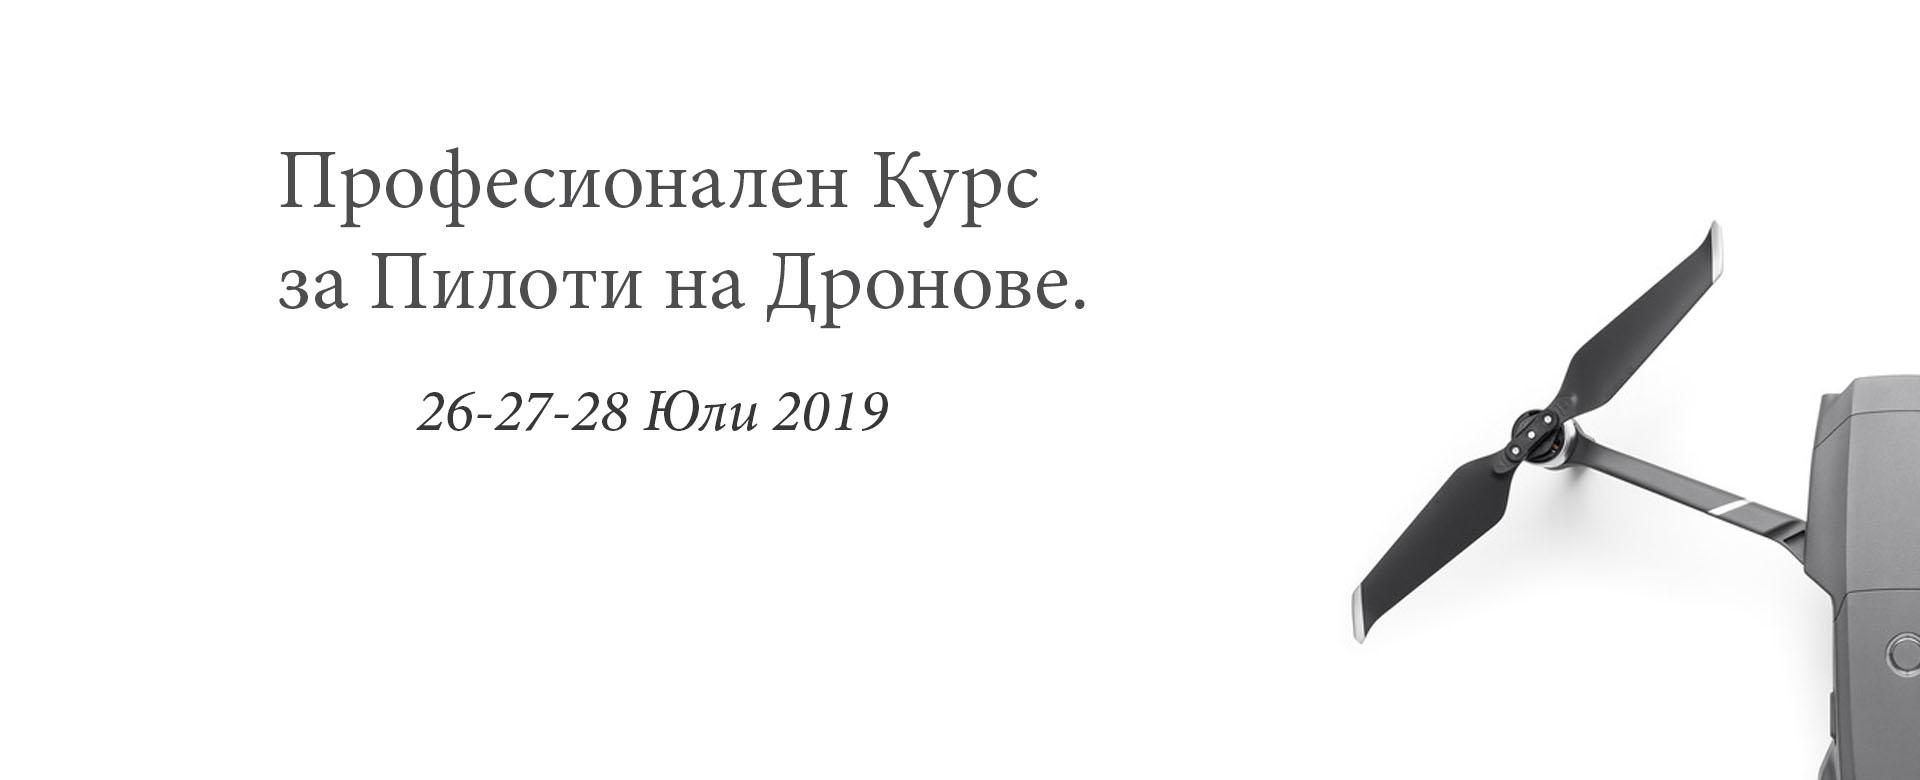 Професионален курс за пилоти на дронове - 26,27,28 Юли 2019